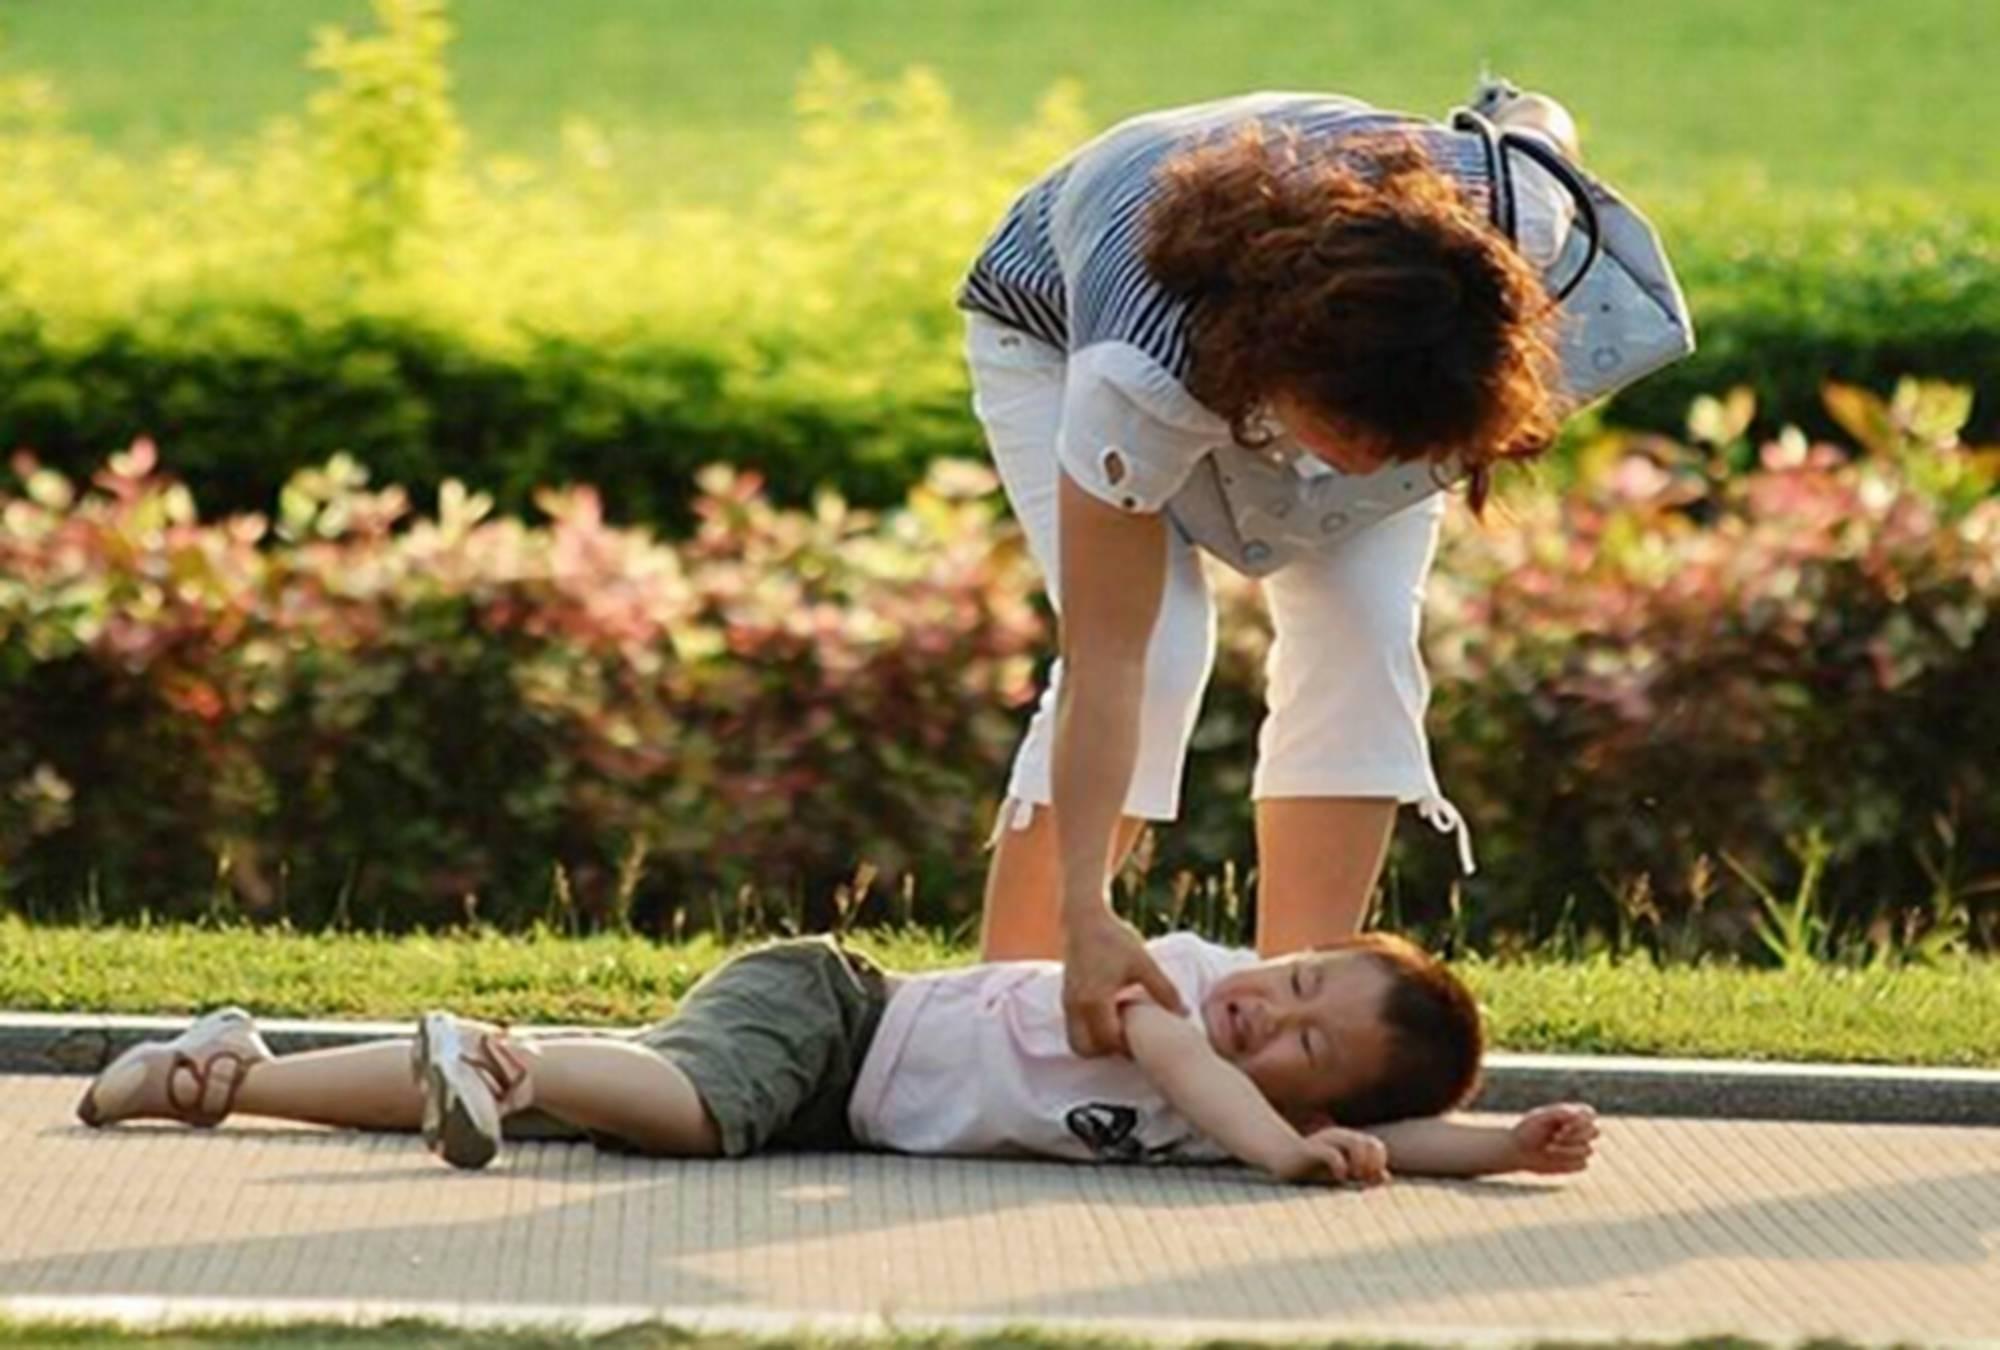 """宝宝摔伤后,妈妈自以为的""""解疼妙招"""",可能给宝宝伤上加伤"""